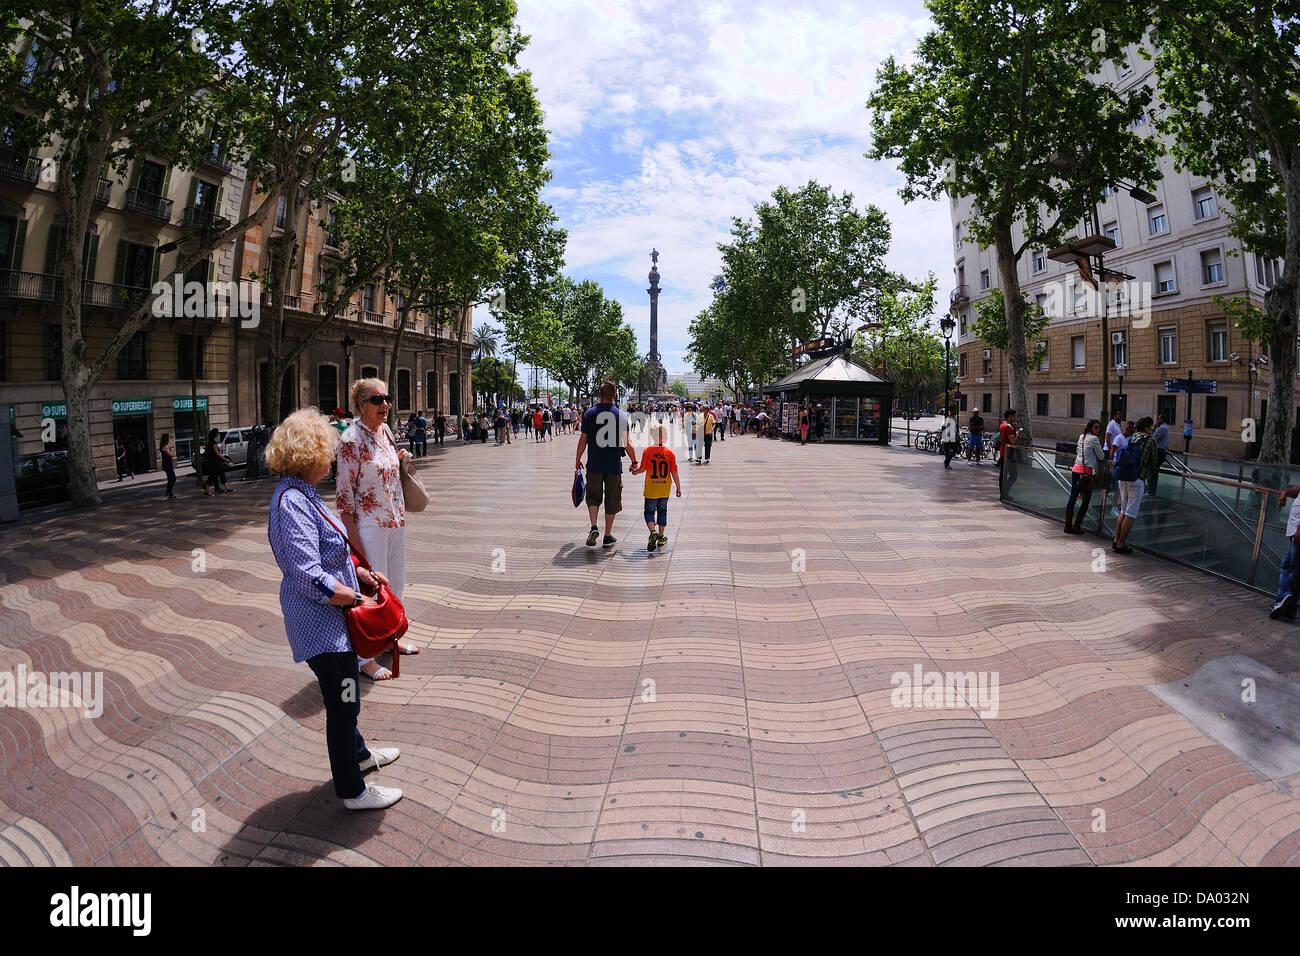 Passeggiate Avenue di Barcellona. Immagini Stock